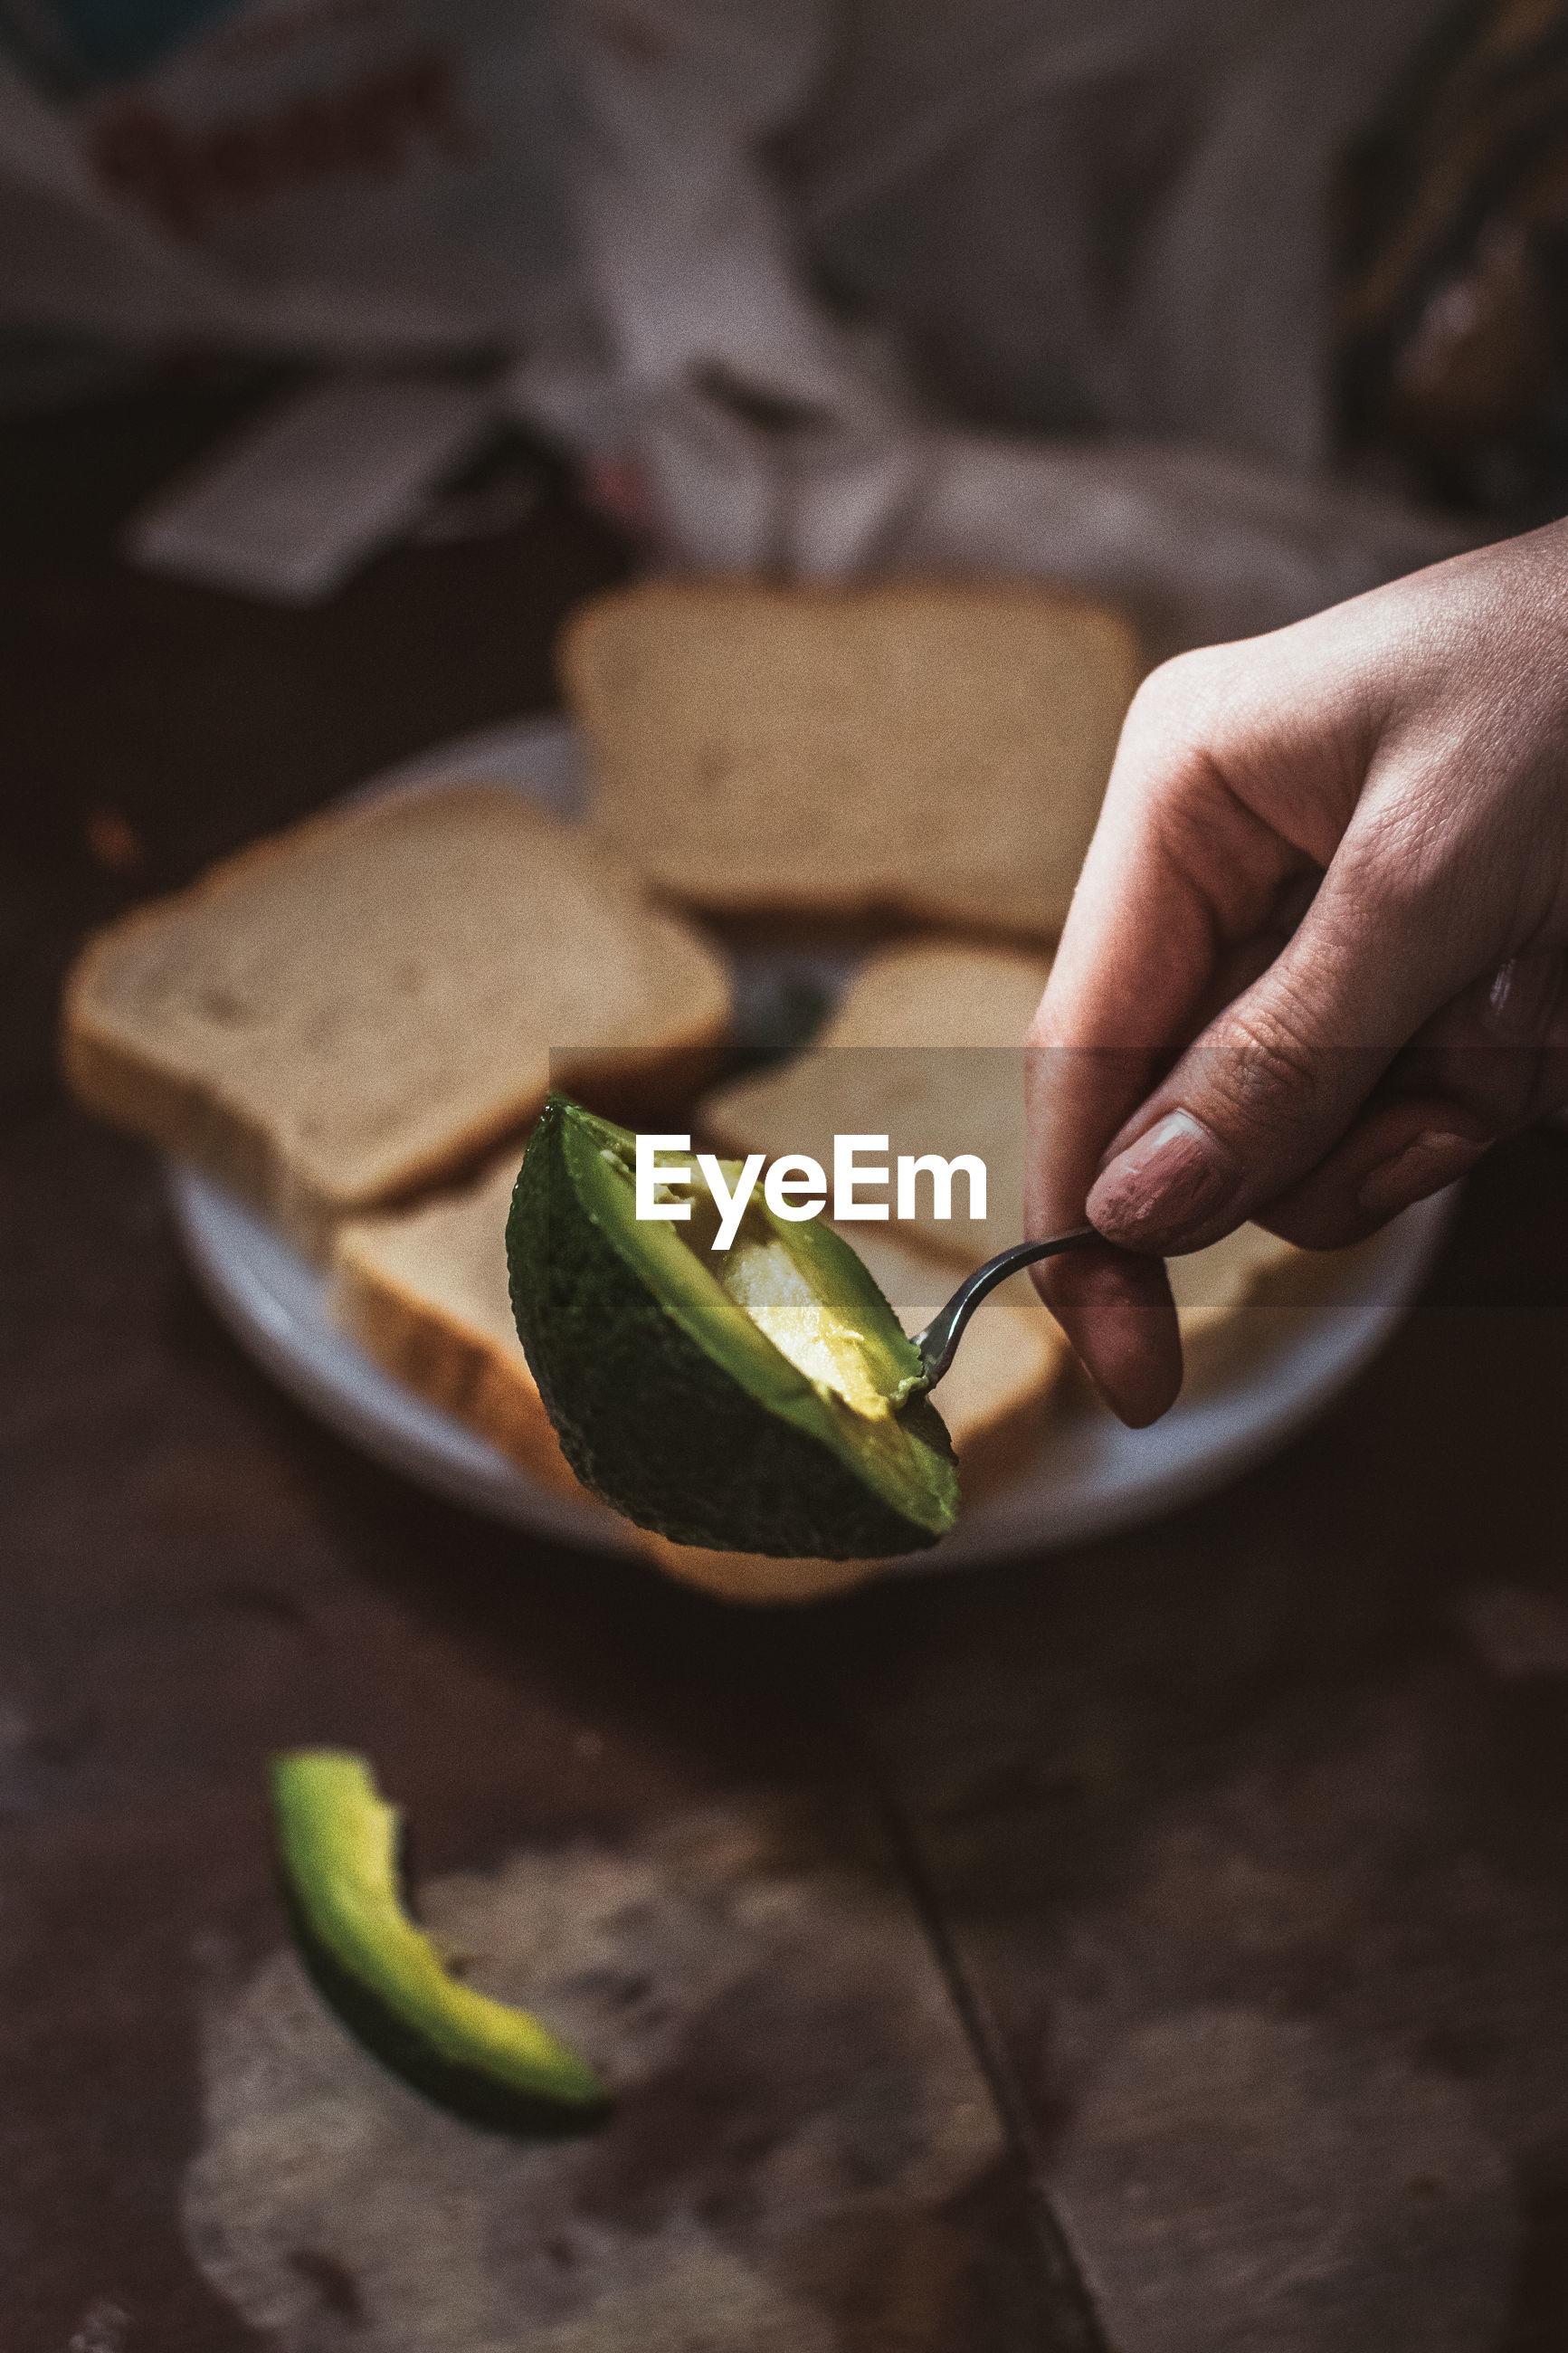 Close-up of hand holding avocado